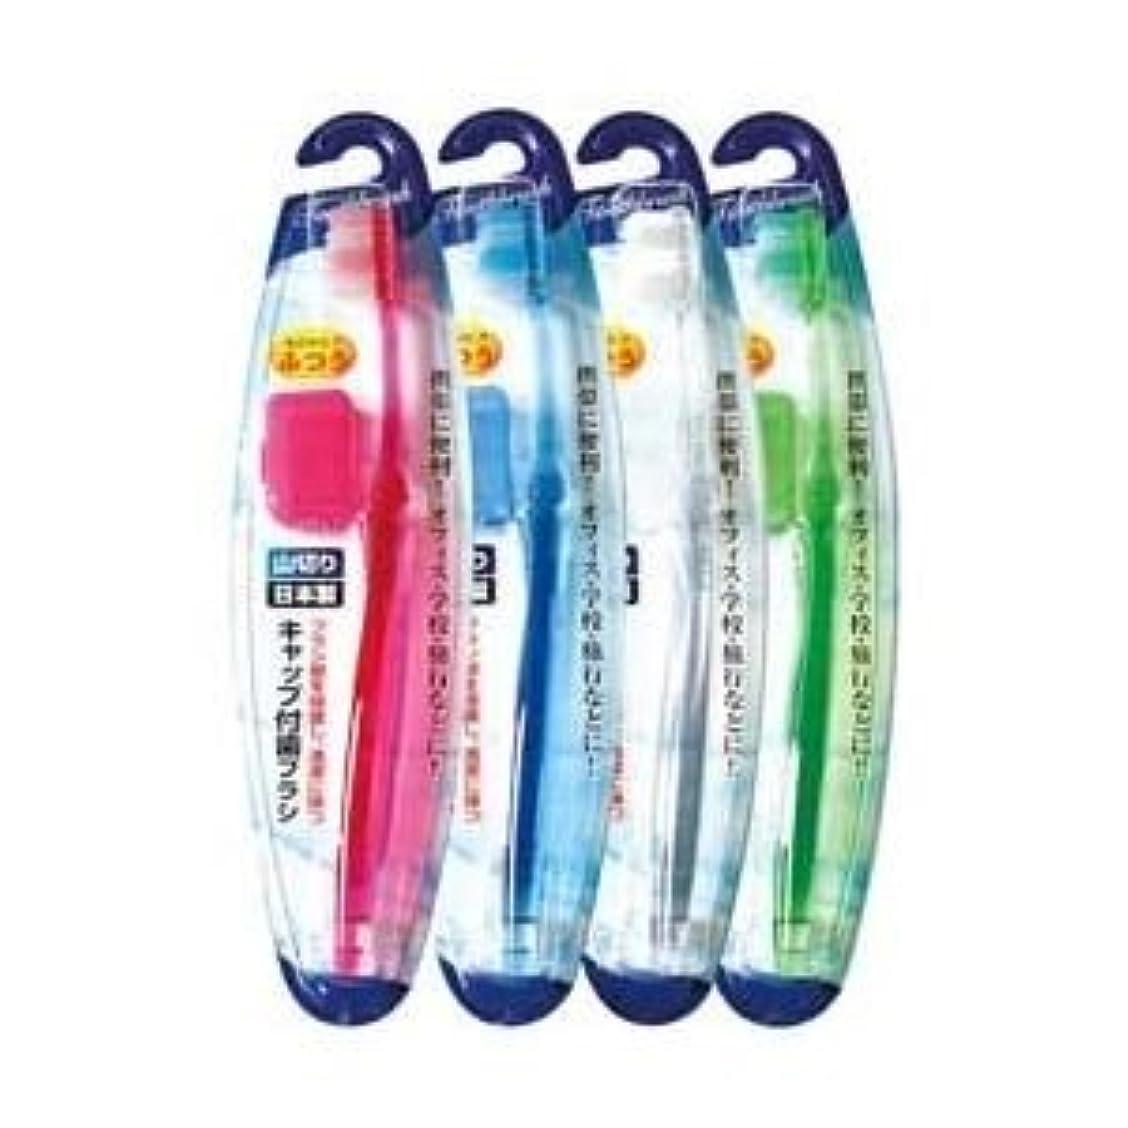 さびた太い憲法健康用品 キャップ付歯ブラシ山切りカット(ふつう)日本製 【12個セット】 41-209